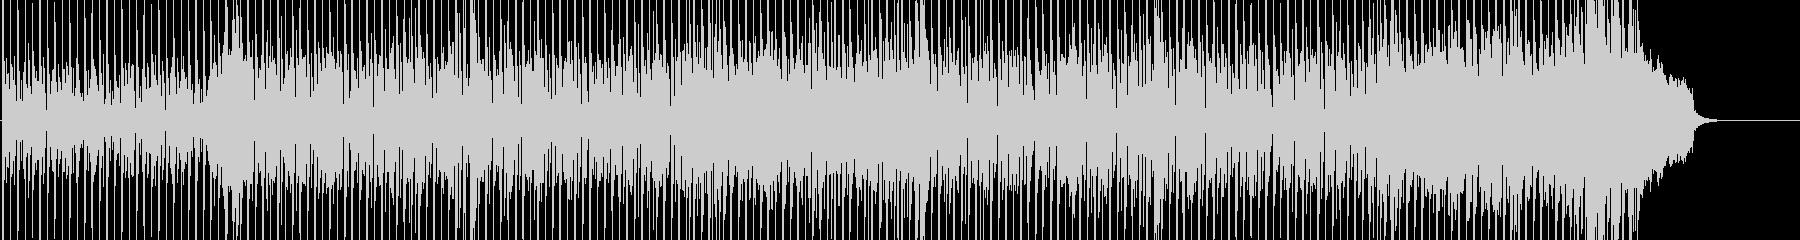 ギターカッティングの未再生の波形